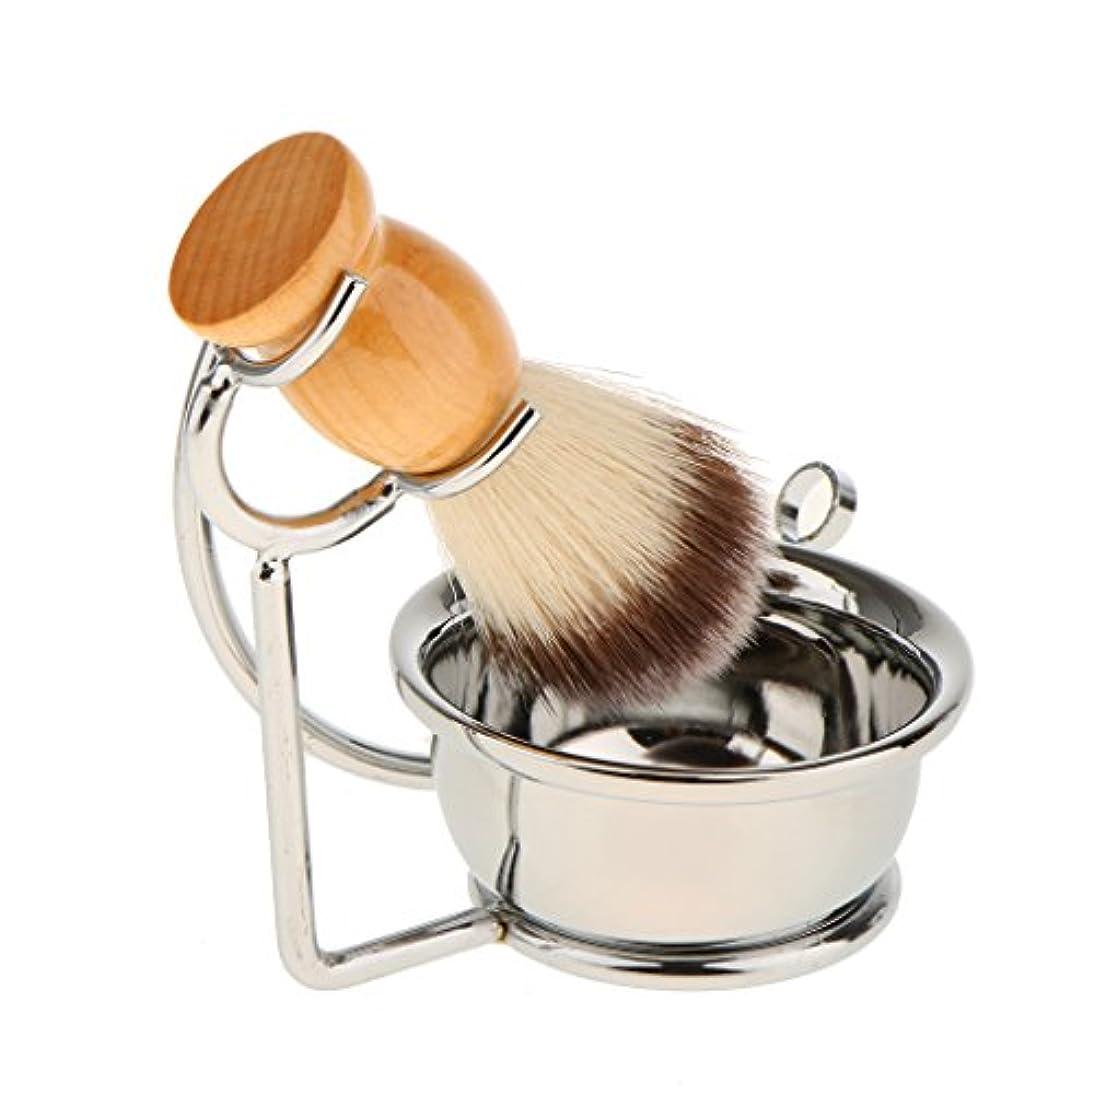 パテオフマウスピースPerfk 人気 シェービングブラシ 石鹸マグカップ シェービングスタンドホルダー セット 男性用 贈り物